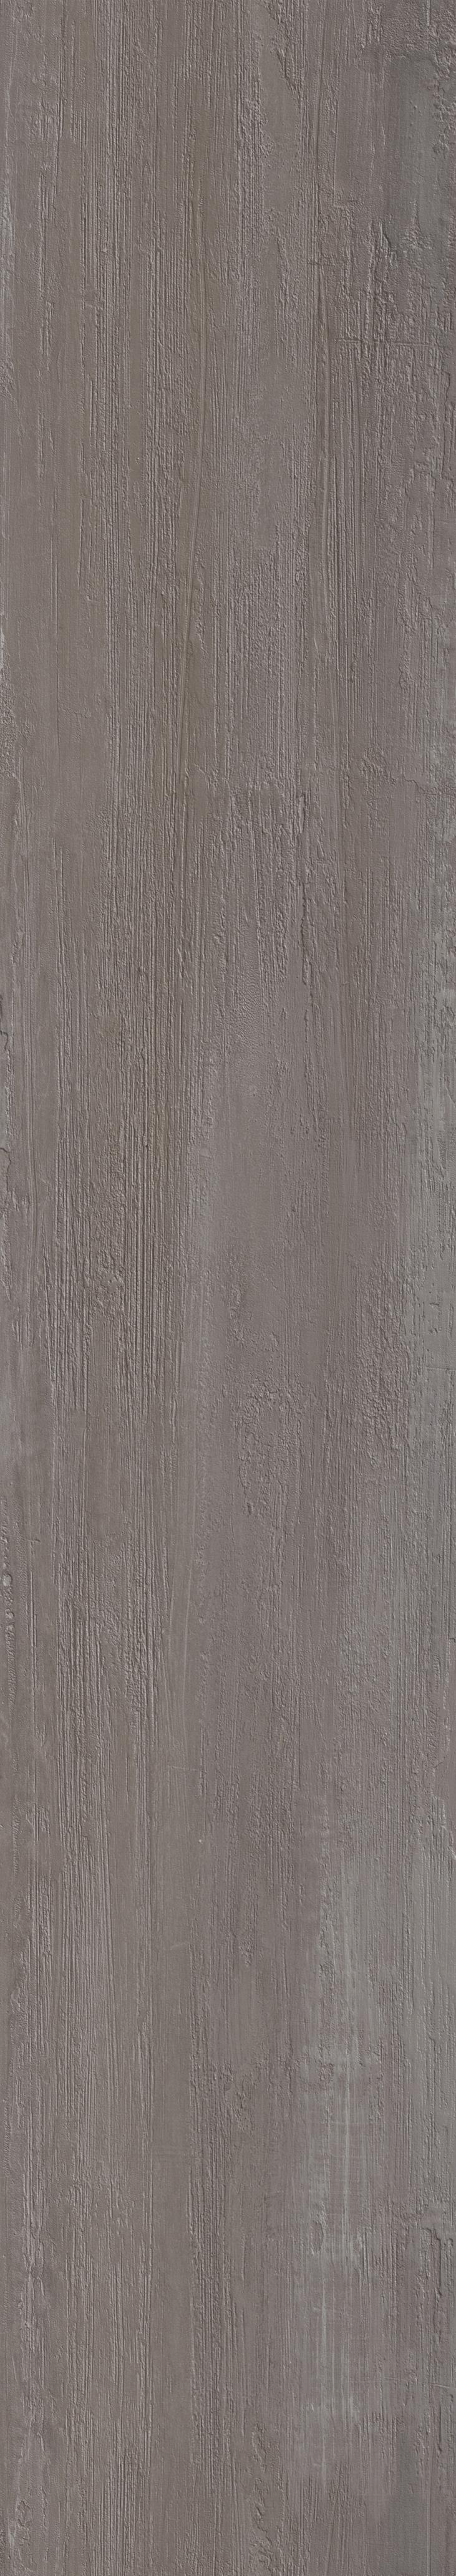 kronotex exquisit plus laminat visby d 4708 von kronotex. Black Bedroom Furniture Sets. Home Design Ideas